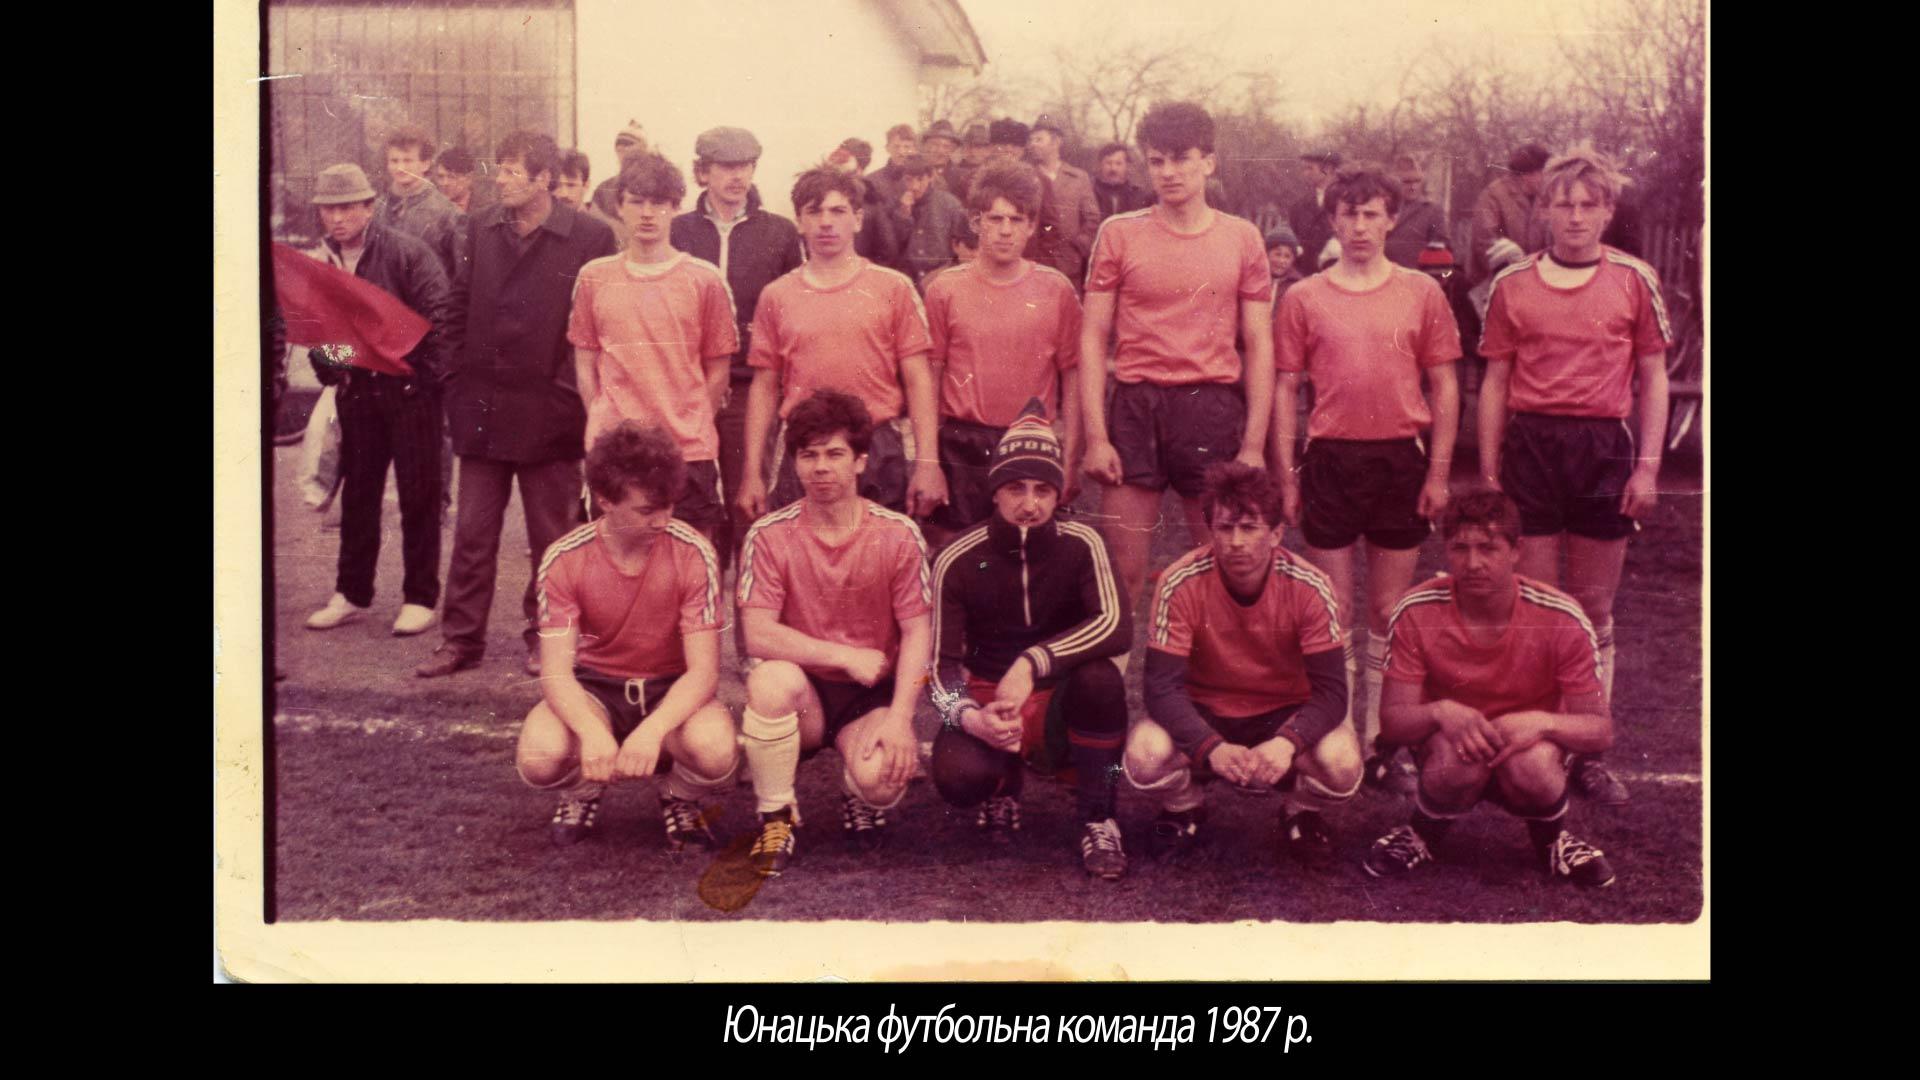 Юнацька футбольна команда 1987 р.